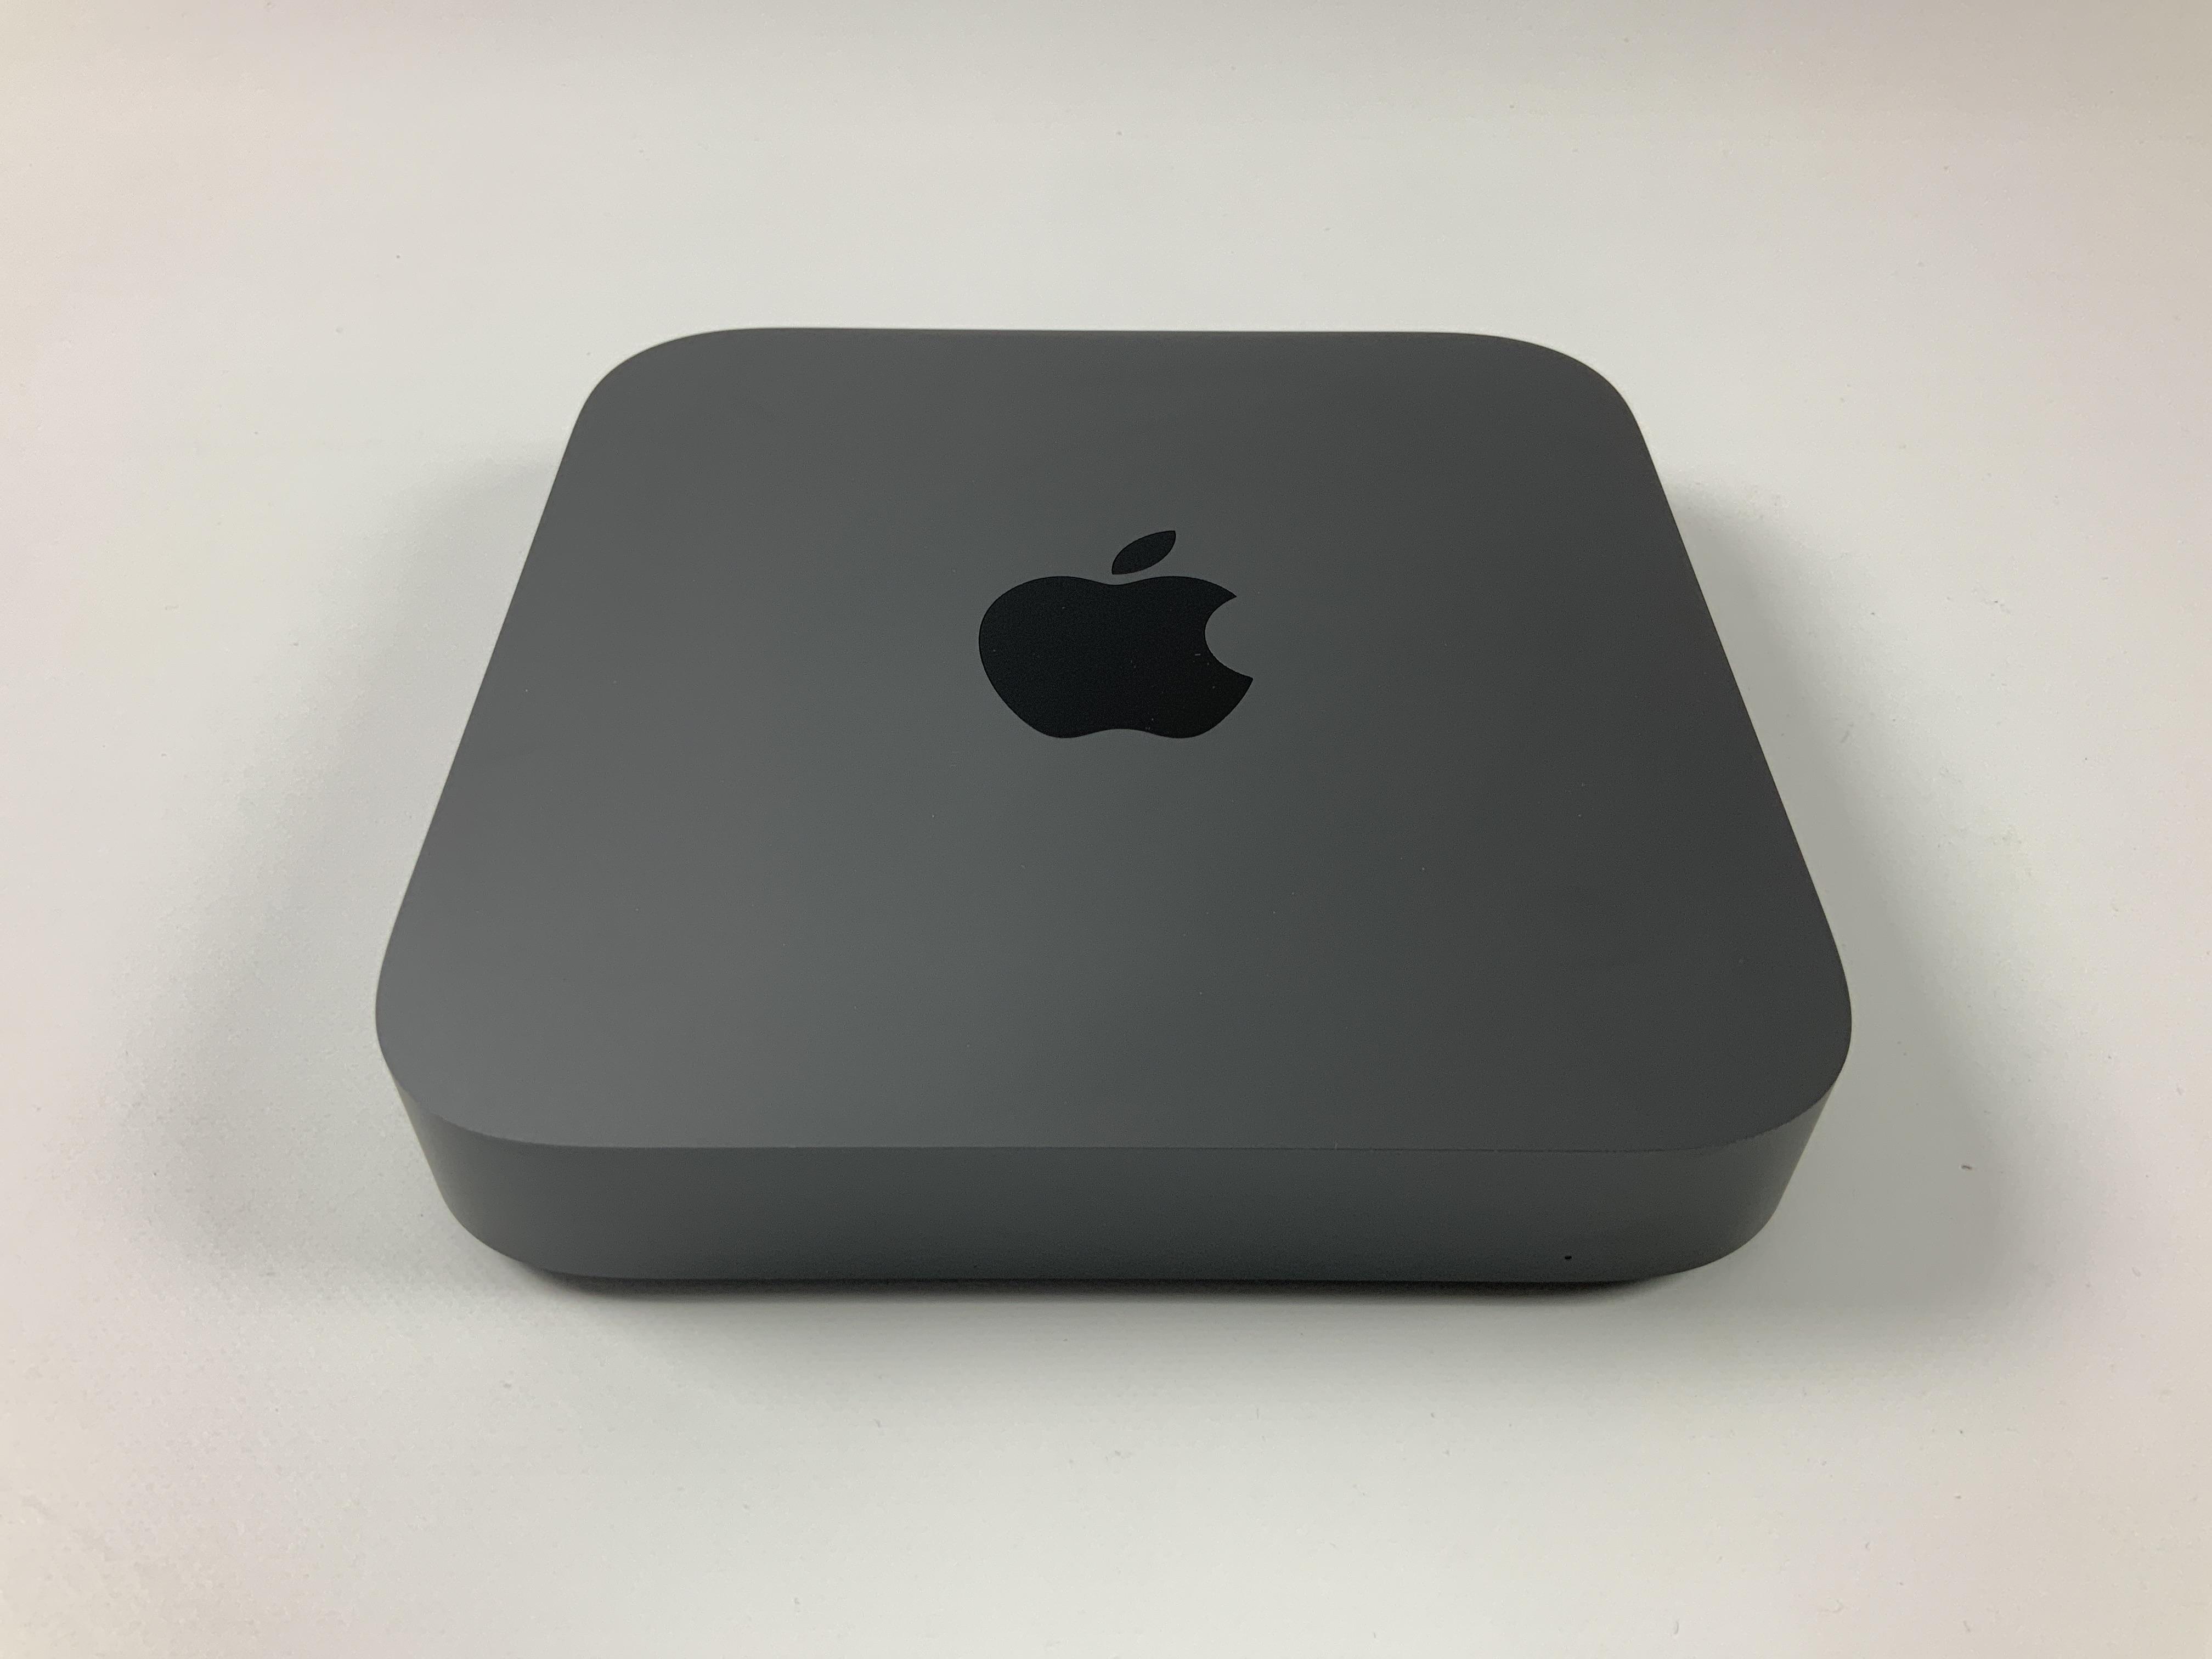 Mac Mini Late 2018 (Intel Quad-Core i3 3.6 GHz 8 GB RAM 128 GB SSD), Intel Quad-Core i3 3.6 GHz, 8 GB RAM, 128 GB SSD, imagen 1